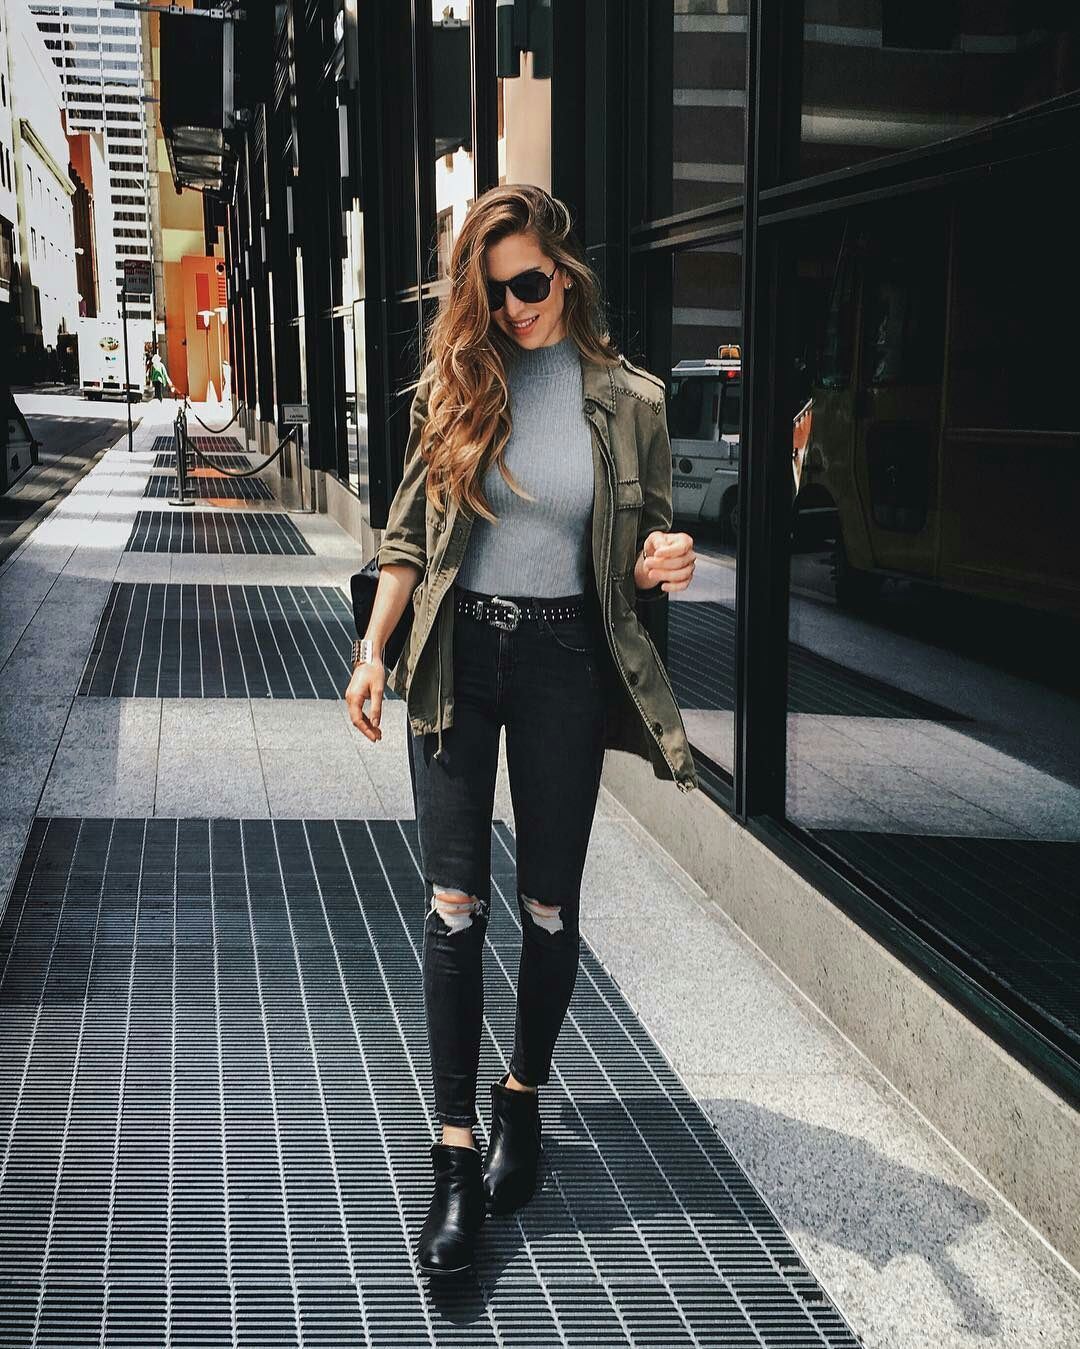 dbab0c1a5e 12 Looks com calça preta por Nichole Ciotti Jeans rasgado, jaqueta verde  militar, ankle boot, look casual